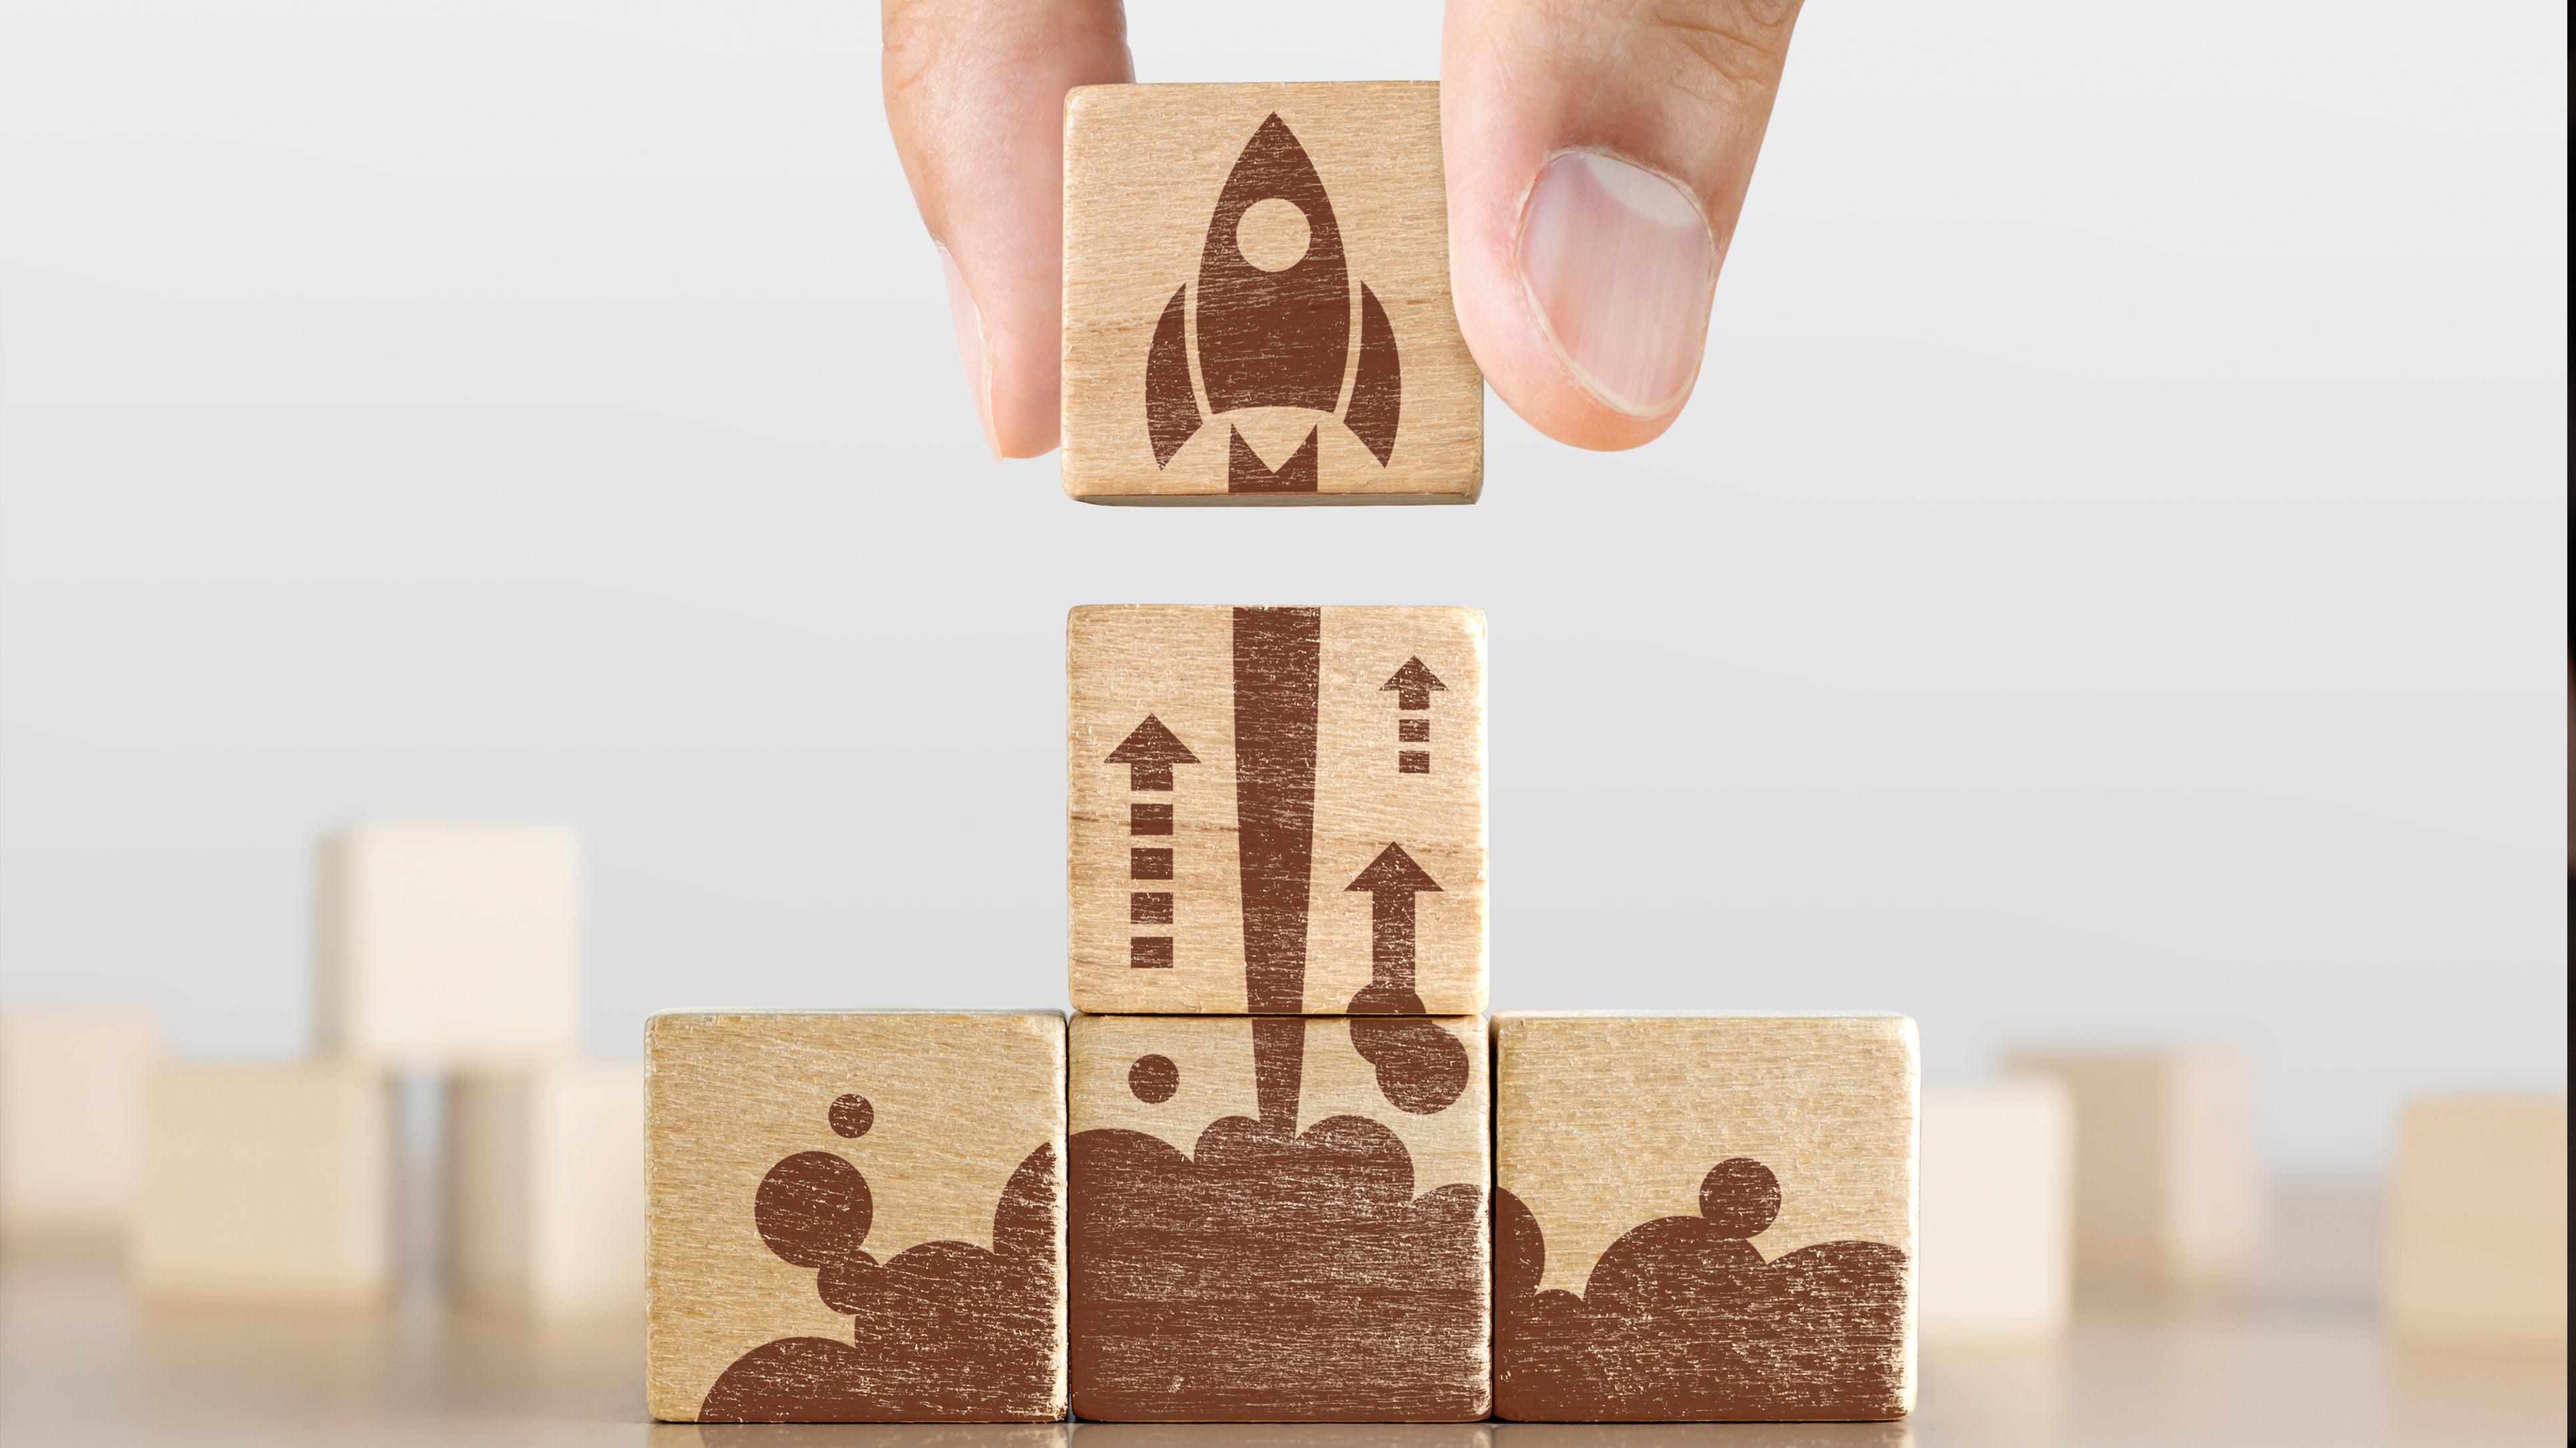 el-fondo-de-fondos-de-cofide-sera-clave-para-el-ecosistema-de-startups